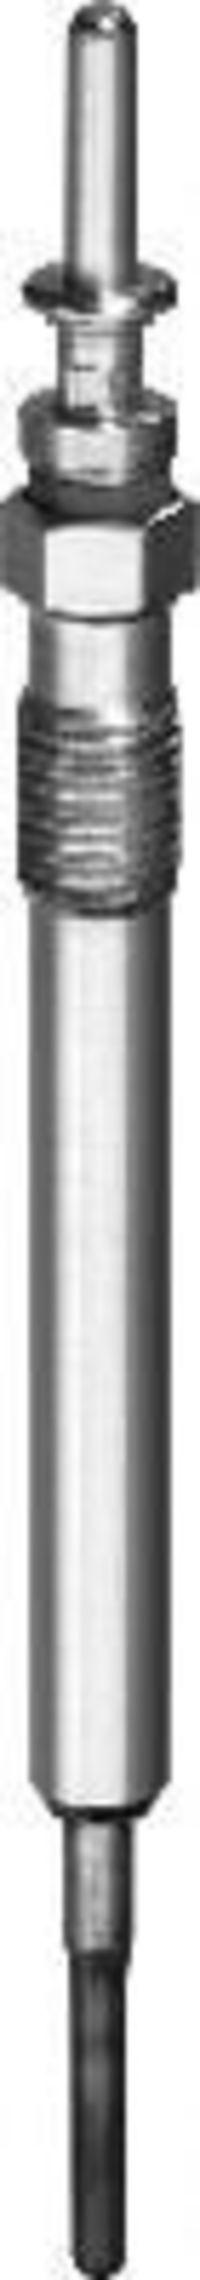 Свеча накаливания BERU GE 118